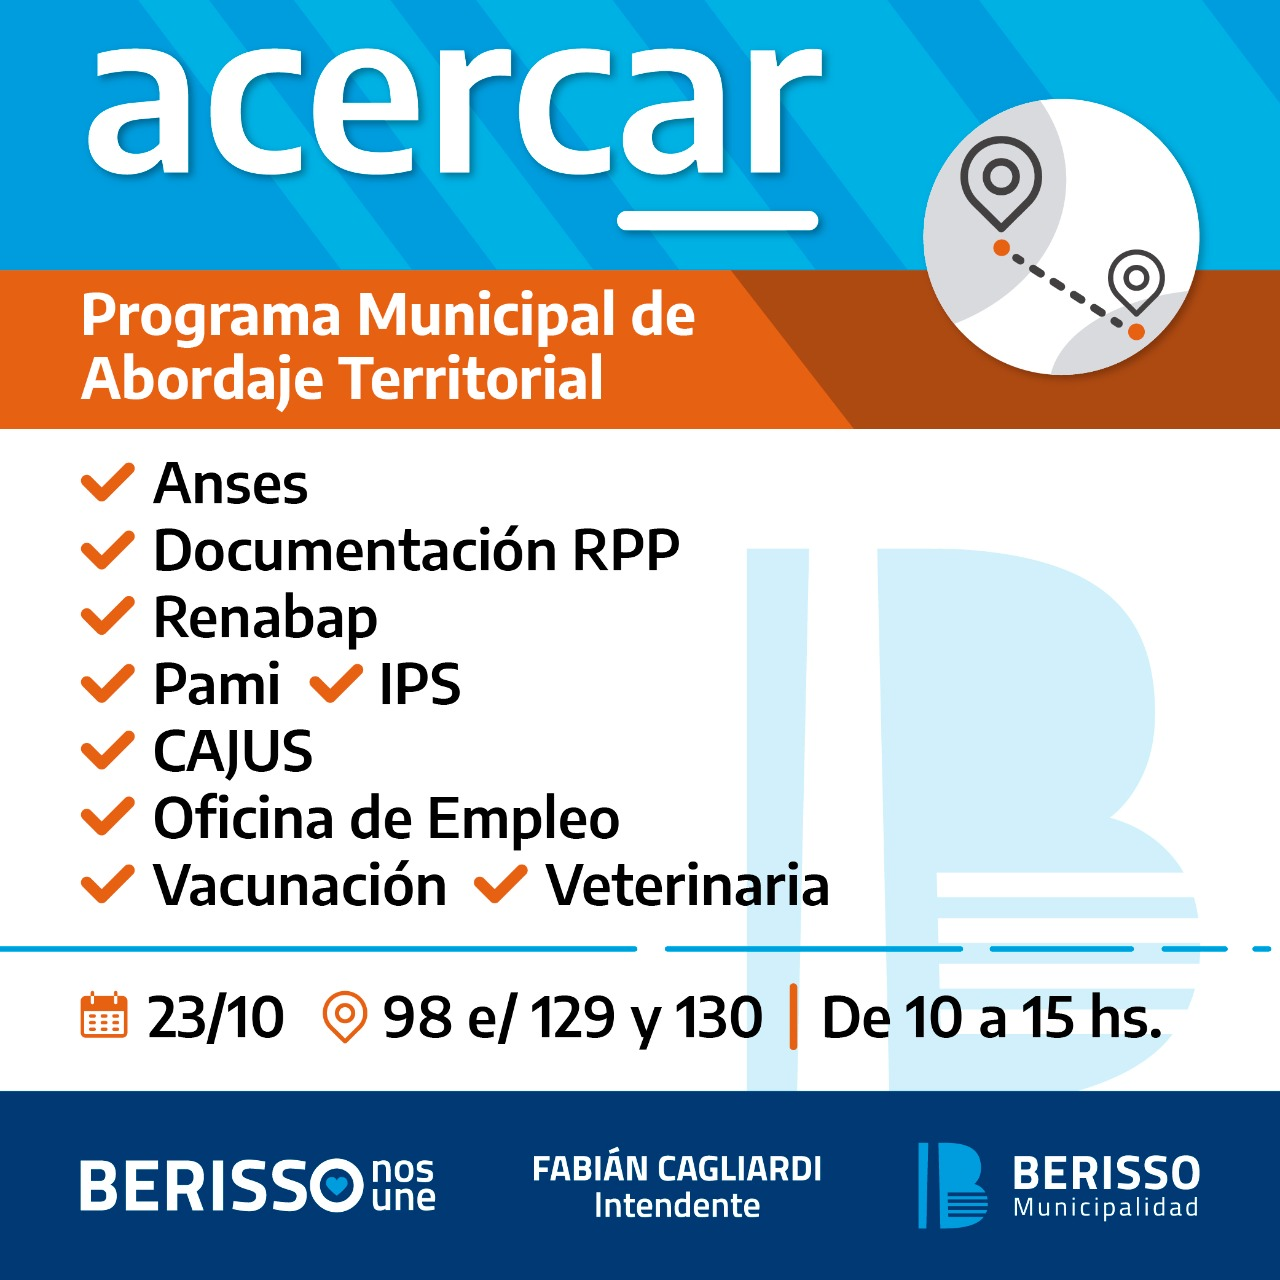 Jornada del Programa Municipal de Abordaje Territorial en el barrio El Carmen